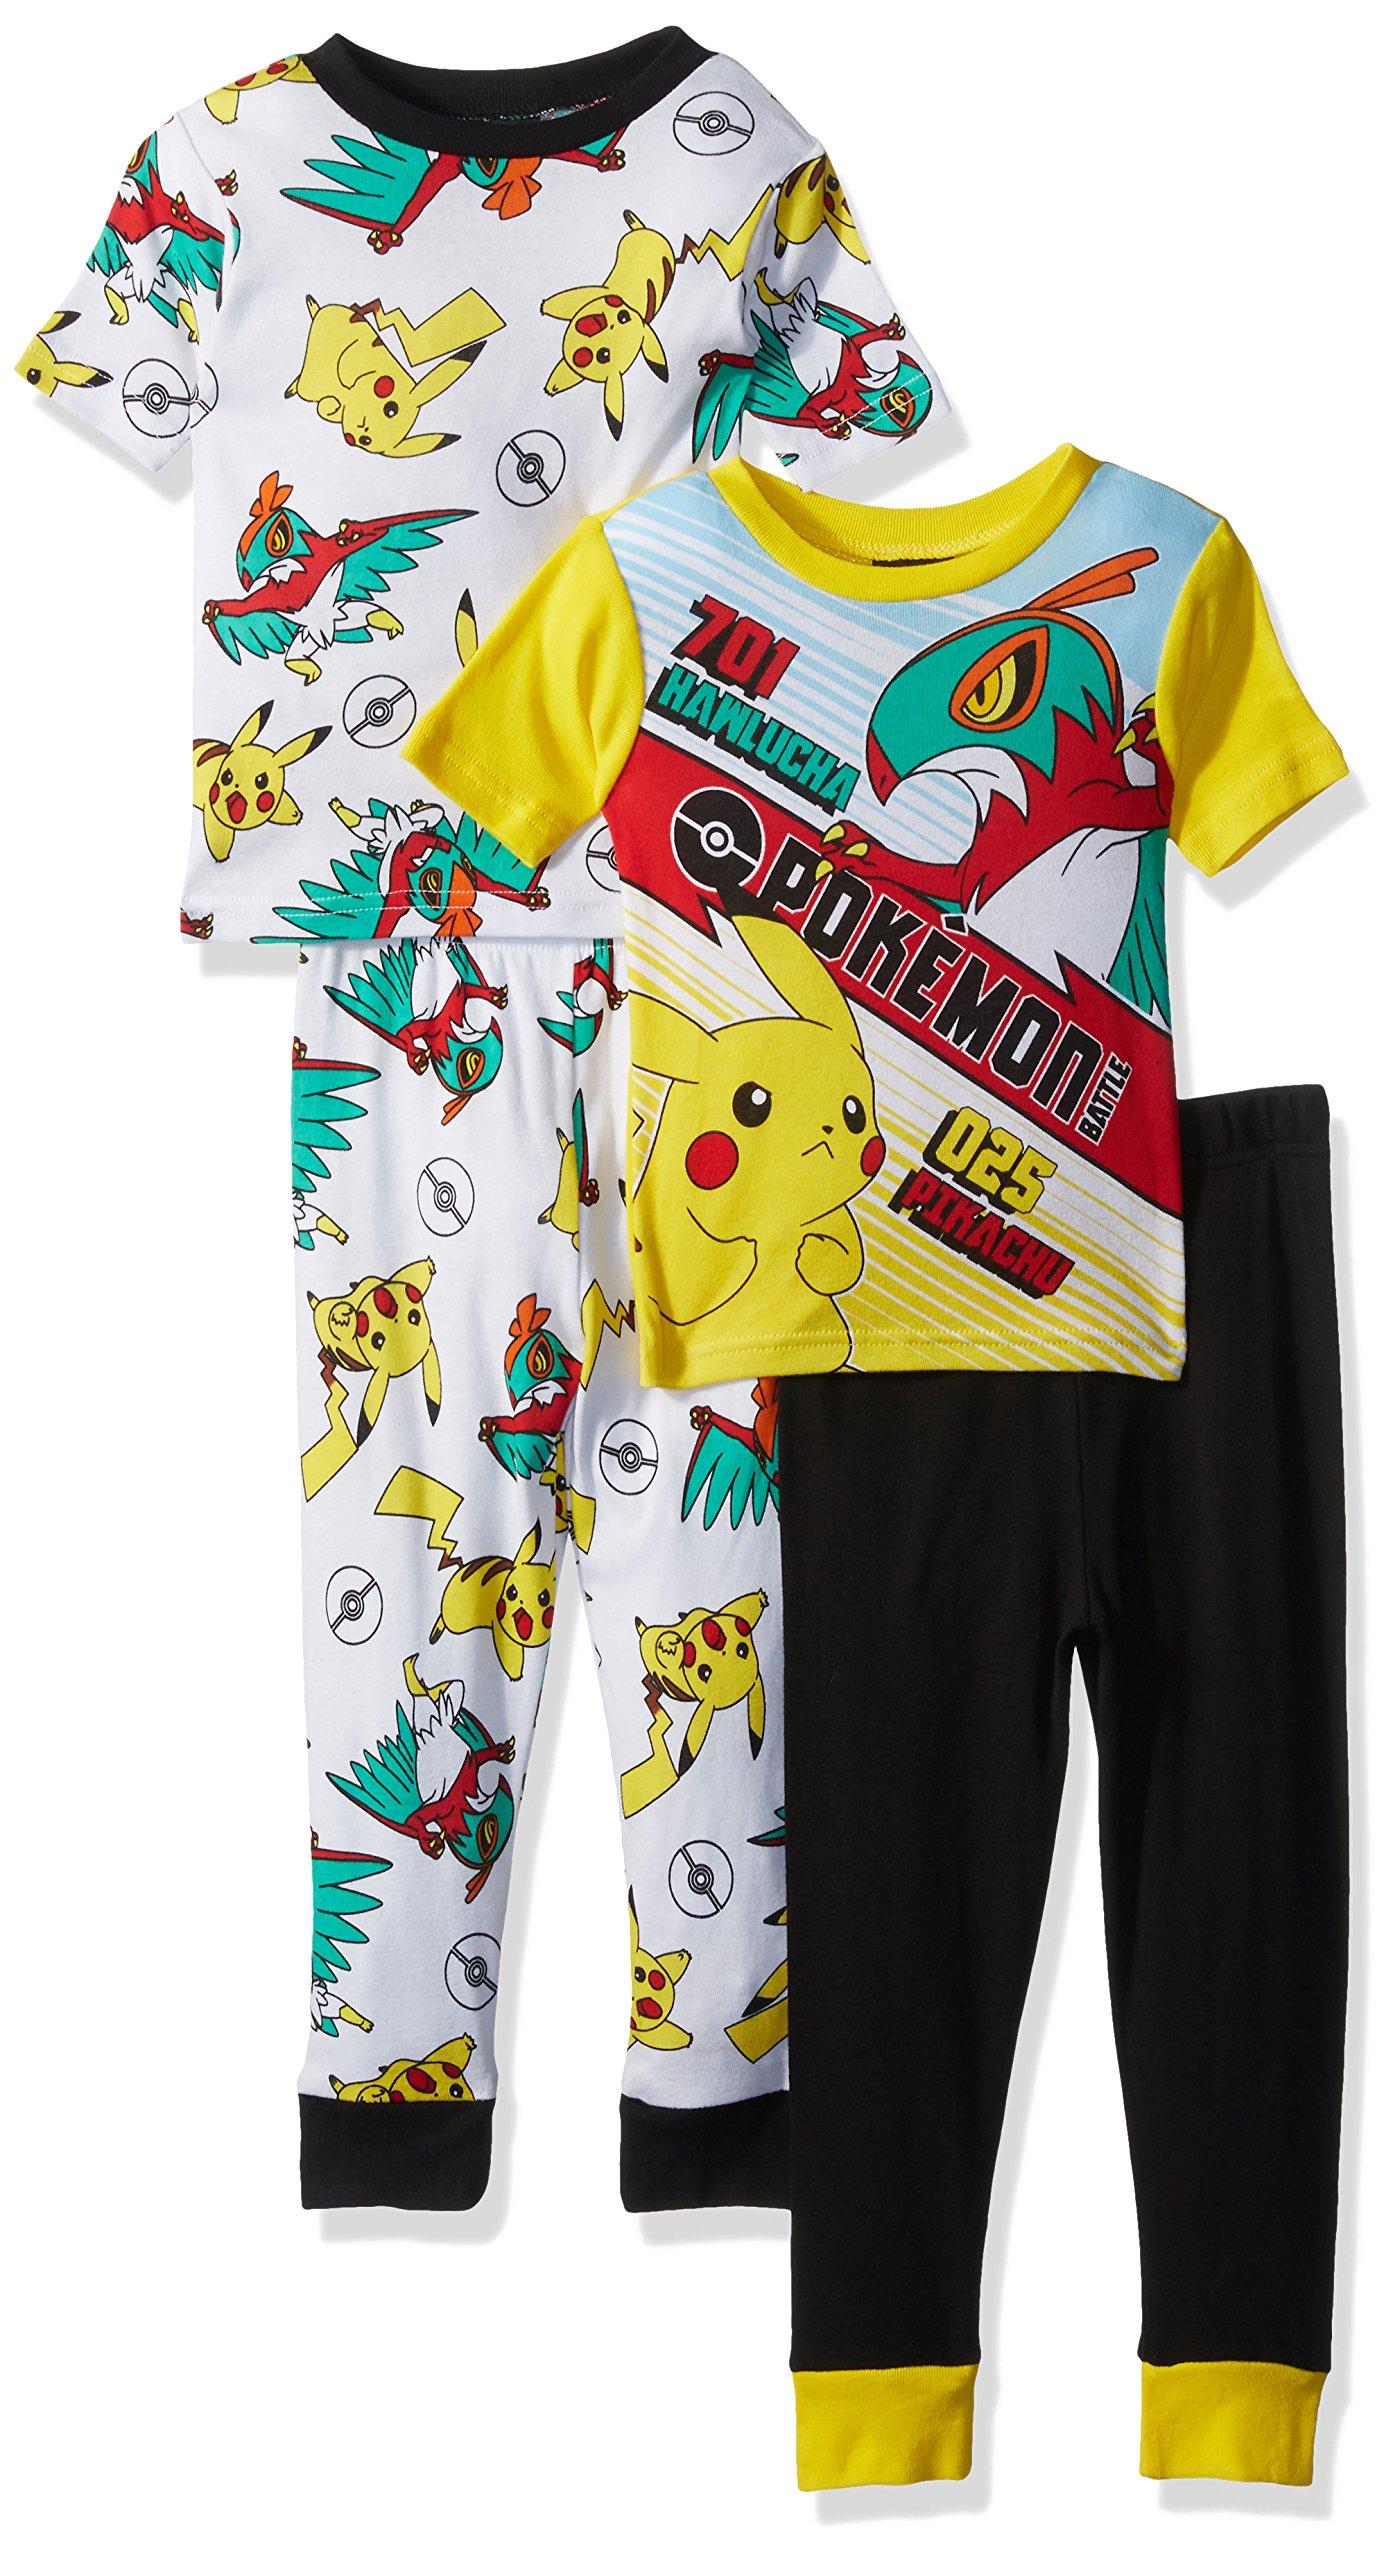 Pokemon Boys' Big Boys' Pikachu 4-Piece Cotton Pajama Set, Yellow/Black, 8